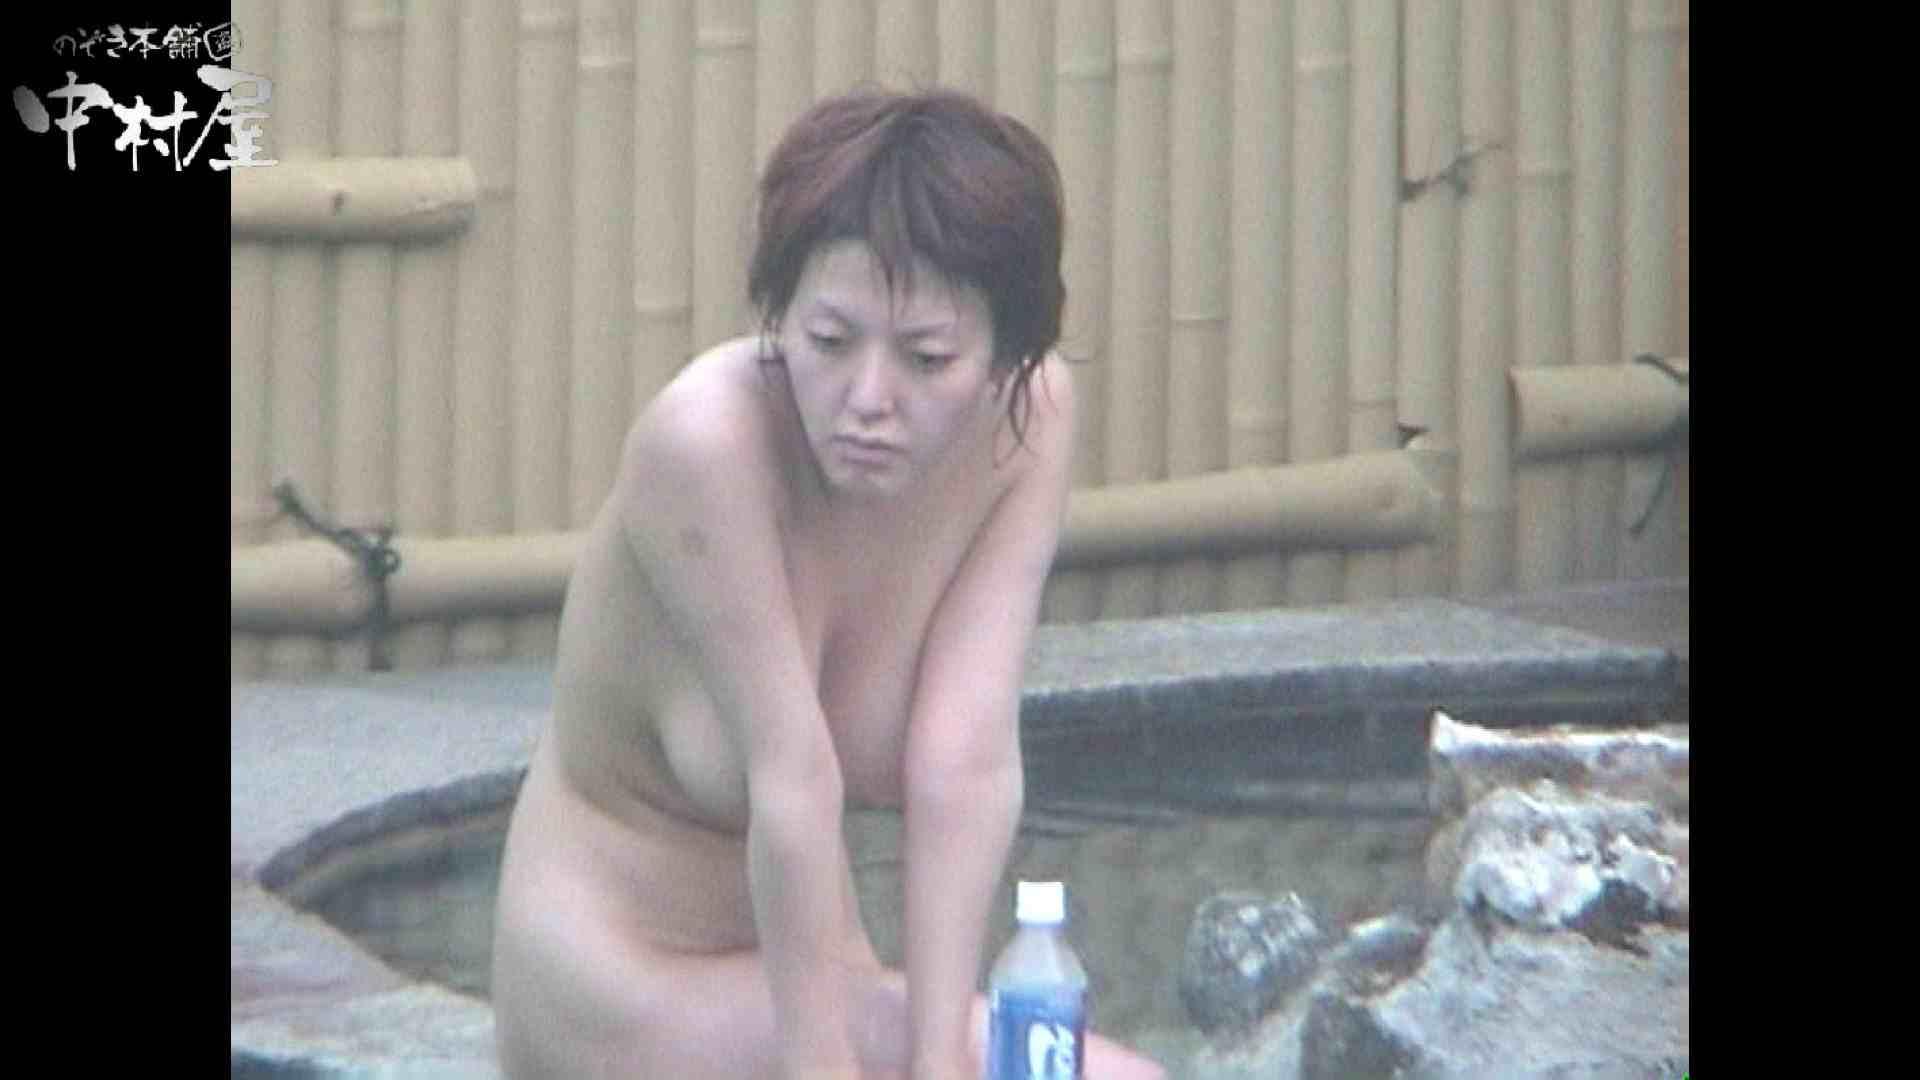 Aquaな露天風呂Vol.959 女体盗撮 | 露天  101連発 82